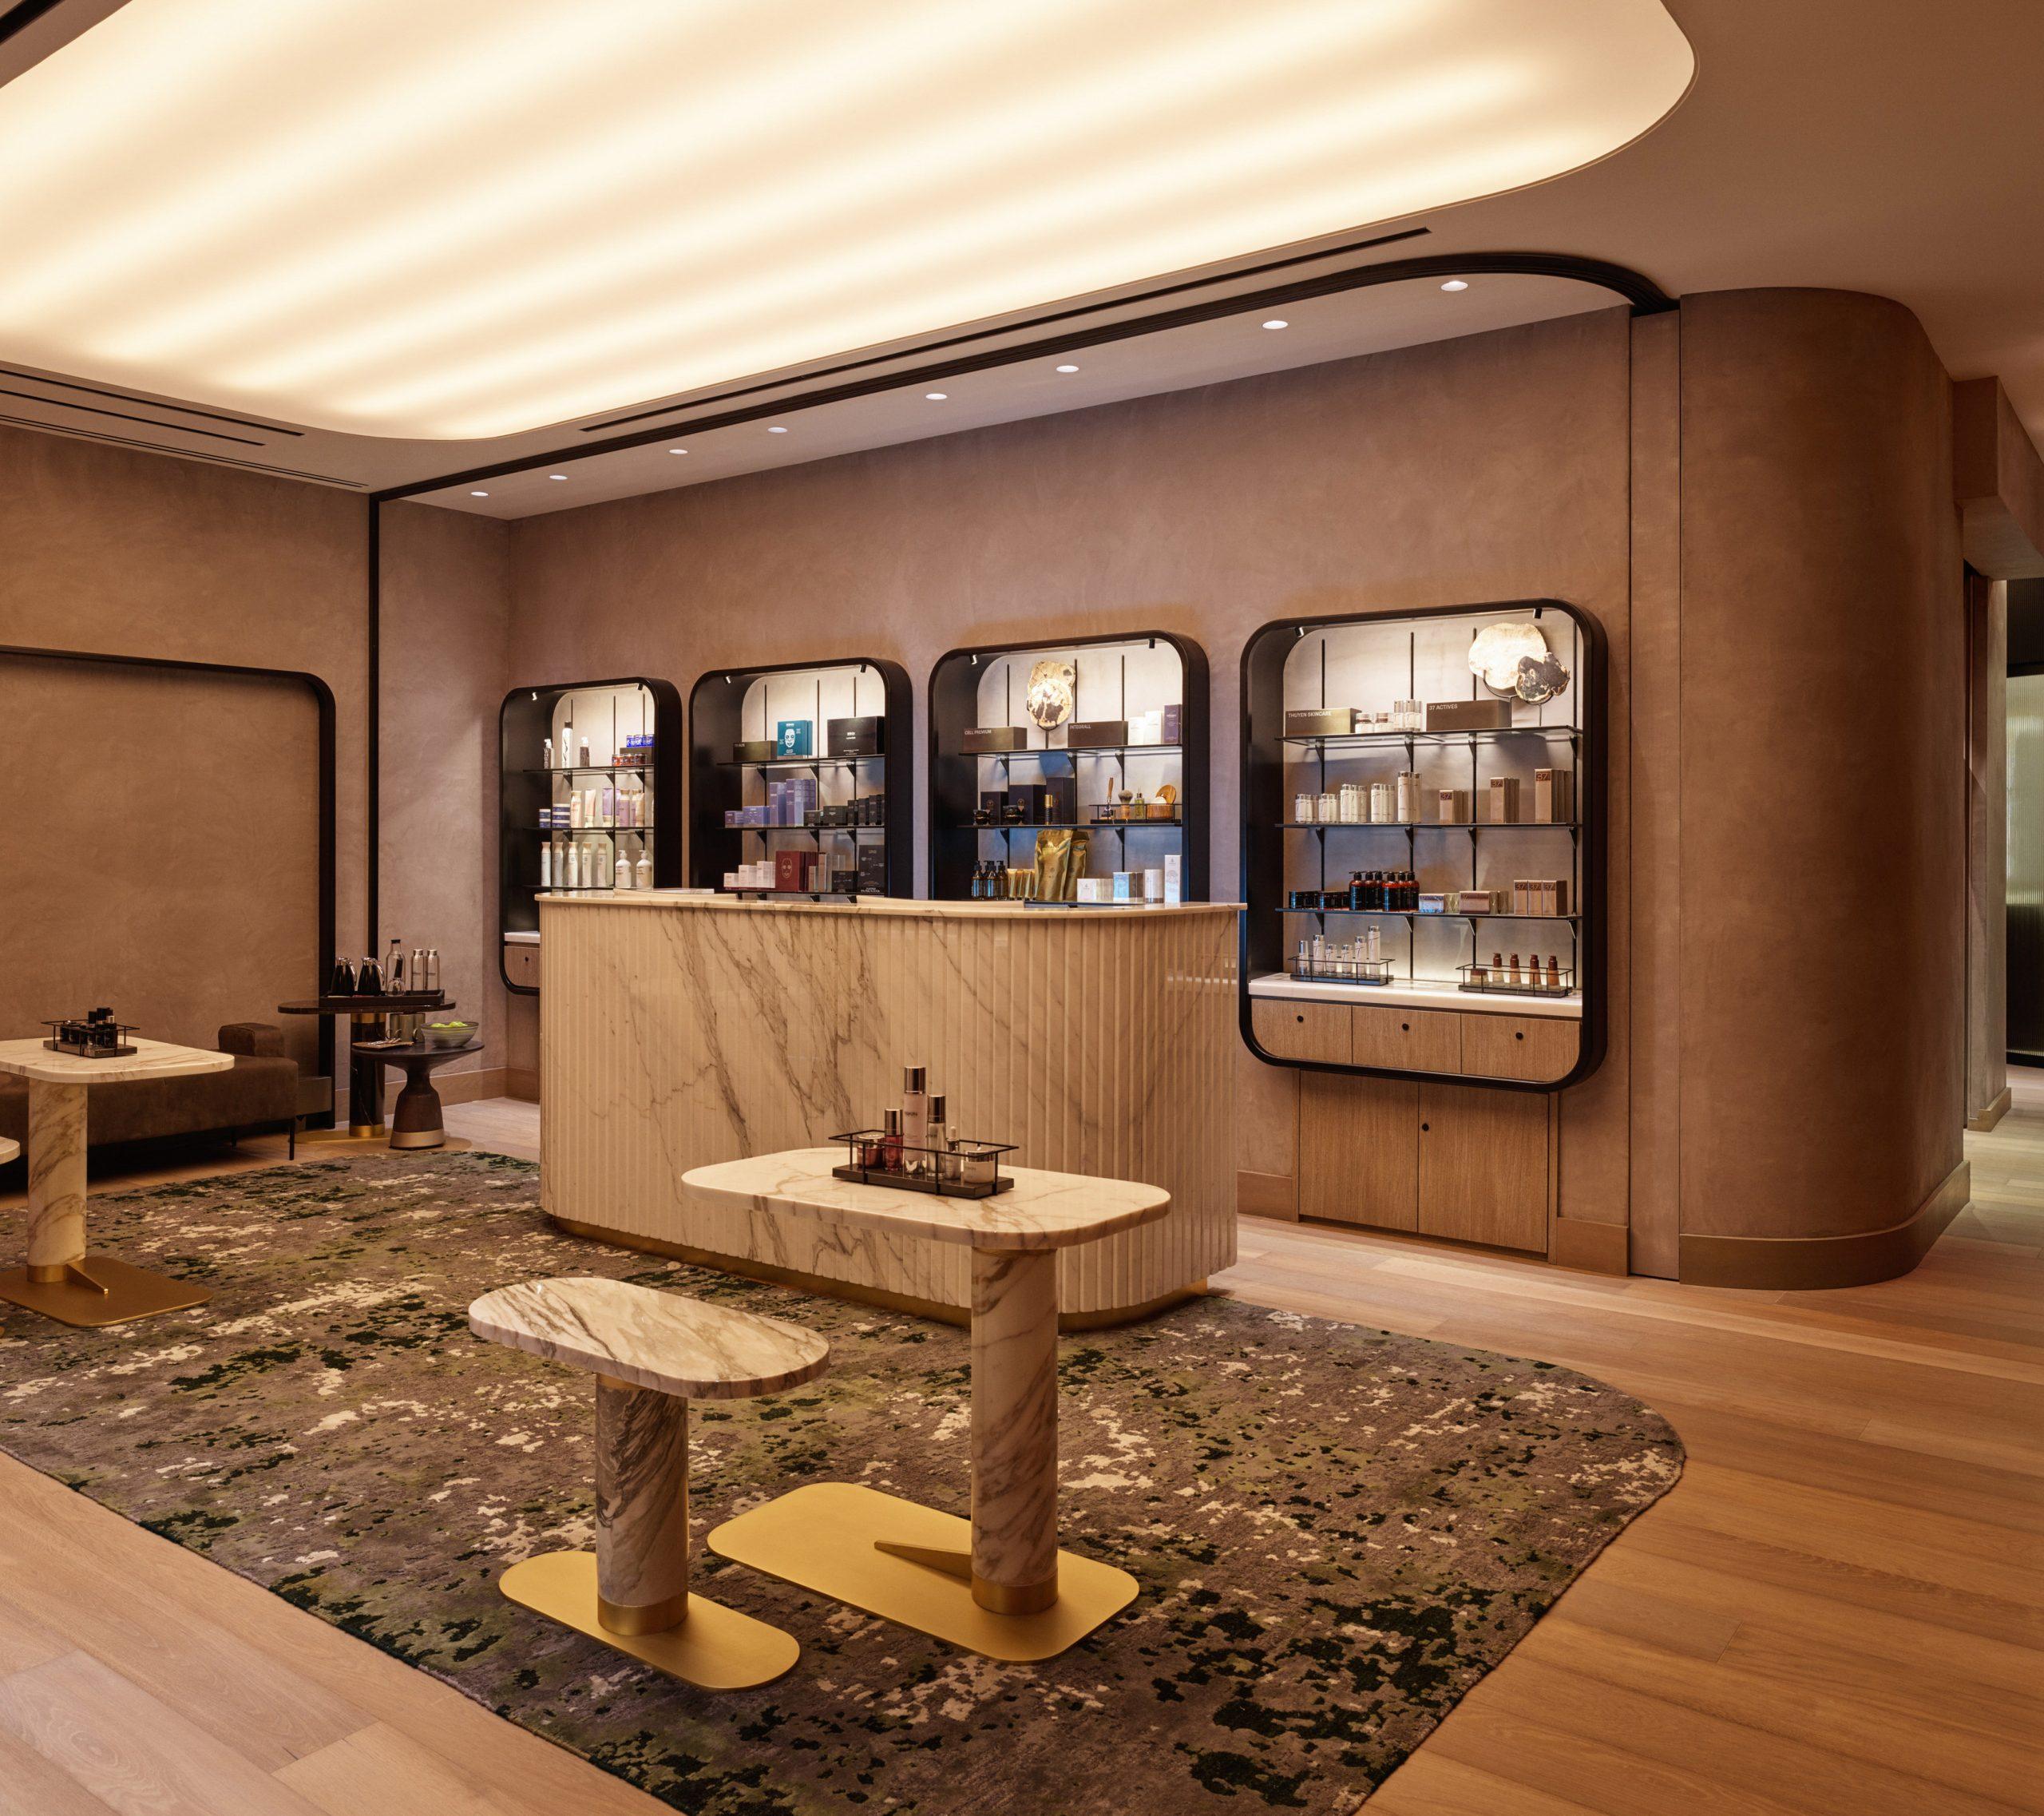 equinox hotel spa reception